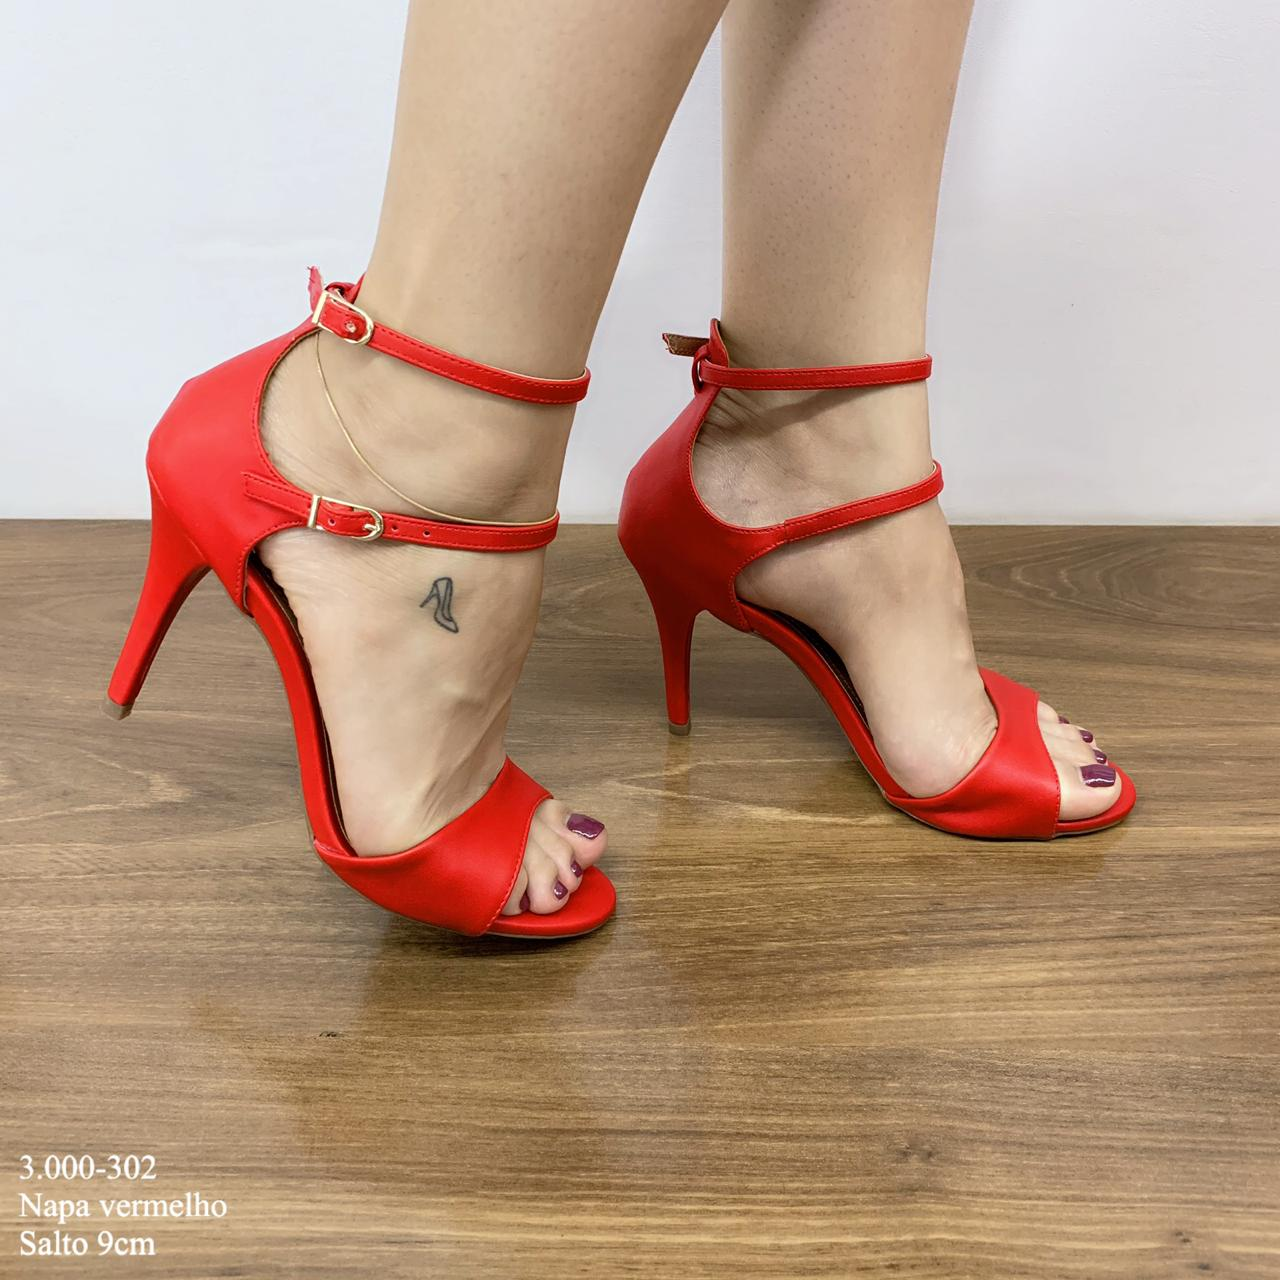 Sandália Vermelho Napa Com Duas Tiras De Abotoar | 3.000-302